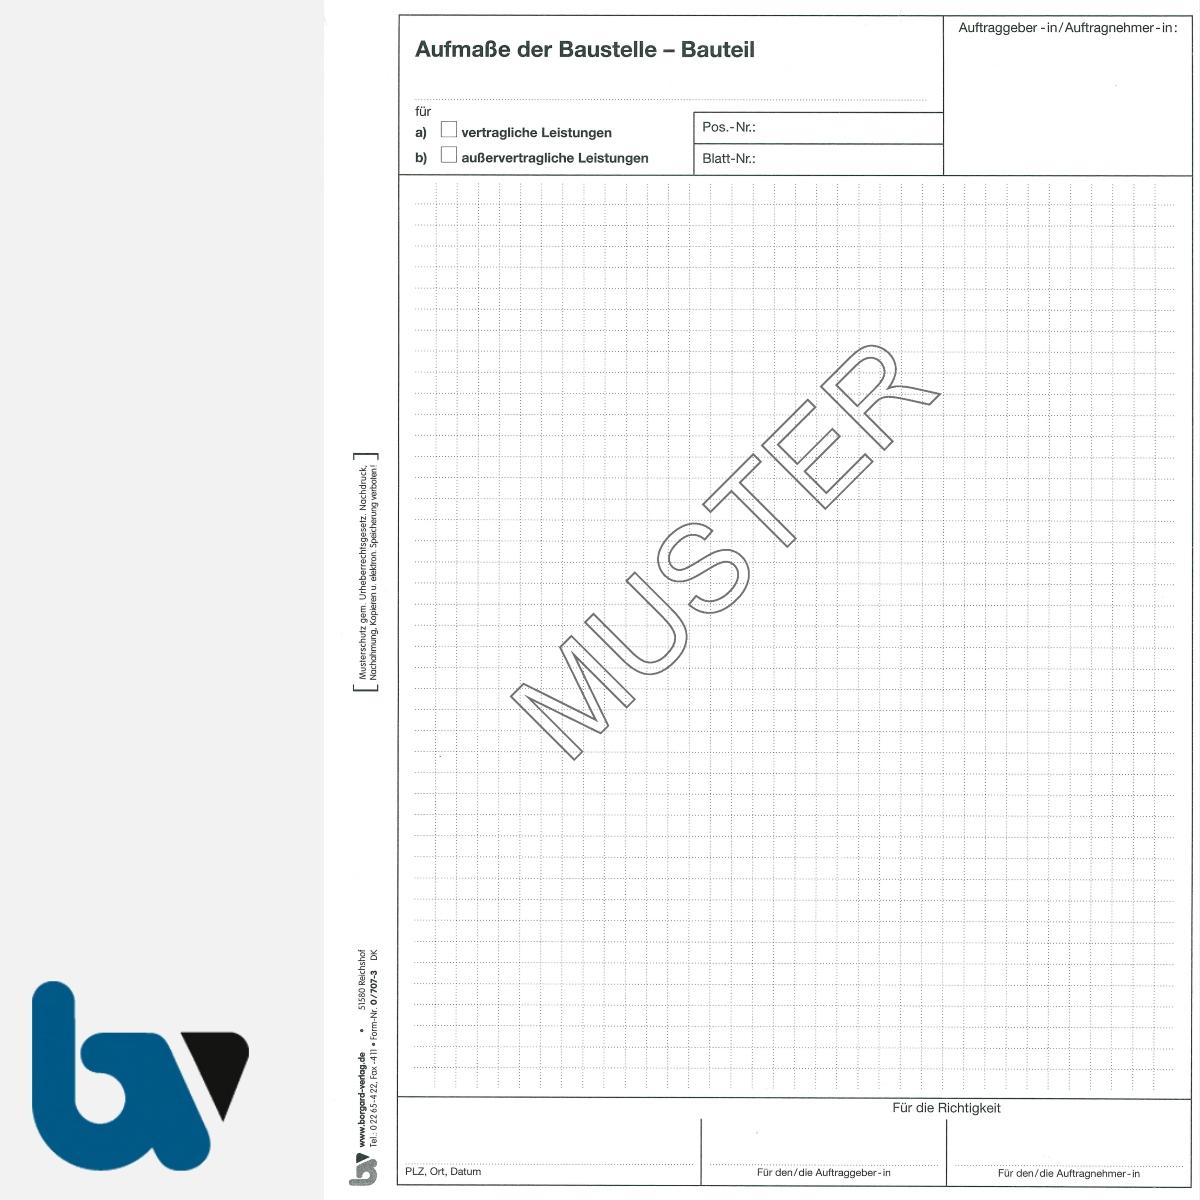 0/707-3 Bauaufmassblock Baustelle Bauteil selbstdurchschreibend Einschlagdeckel Durchschreibeschutz Schreibschutzdeckel perforiert DIN A4 Seite 1   Borgard Verlag GmbH